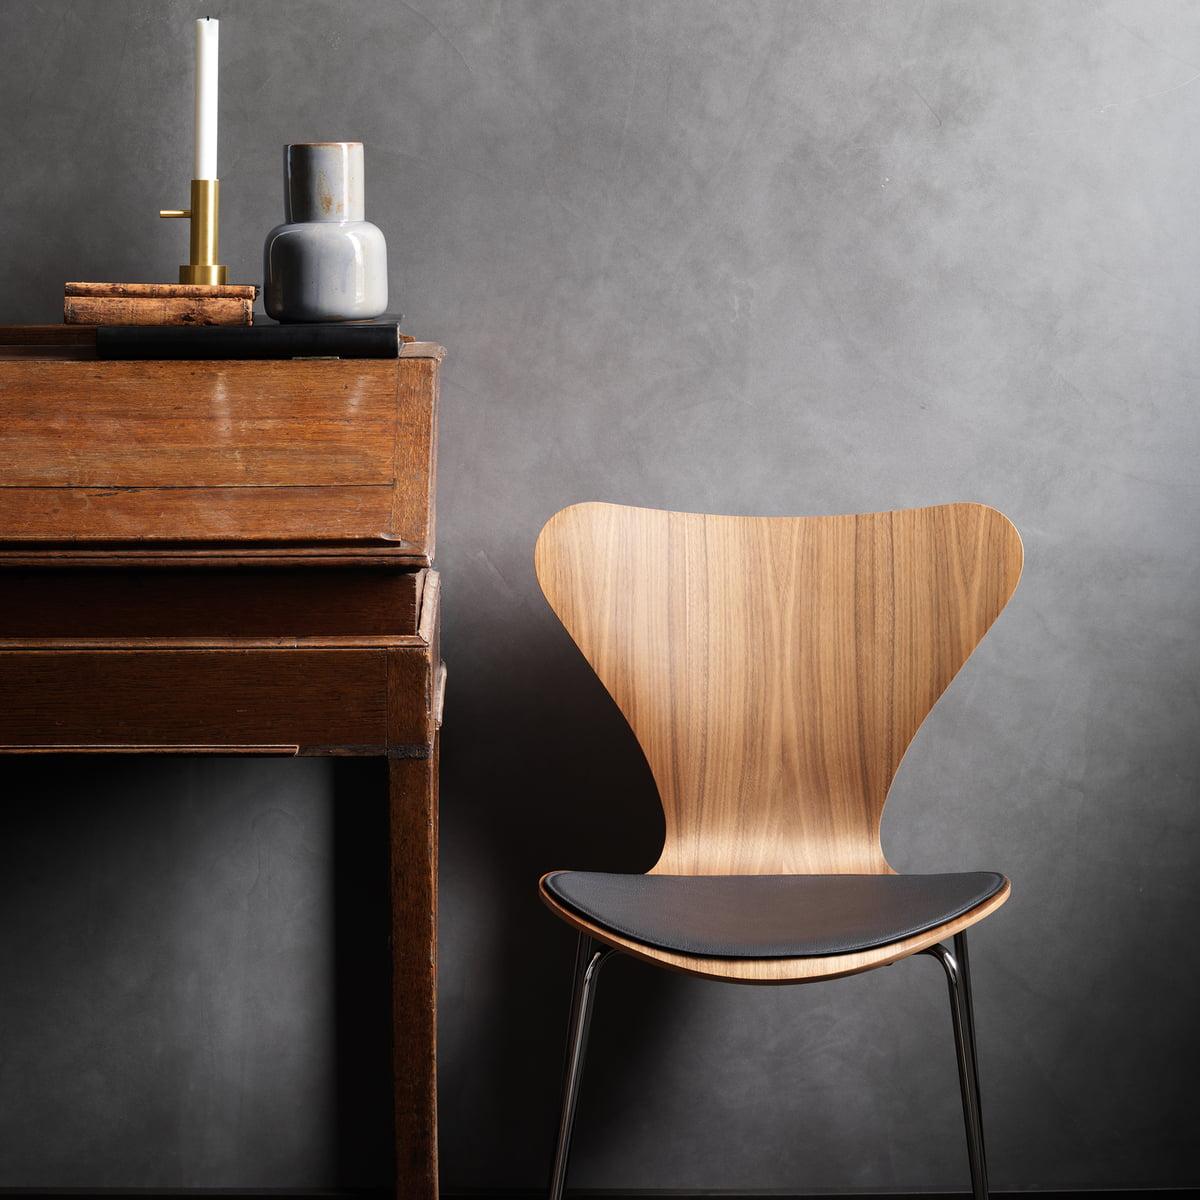 serie 7 natur von fritz hansen im shop. Black Bedroom Furniture Sets. Home Design Ideas